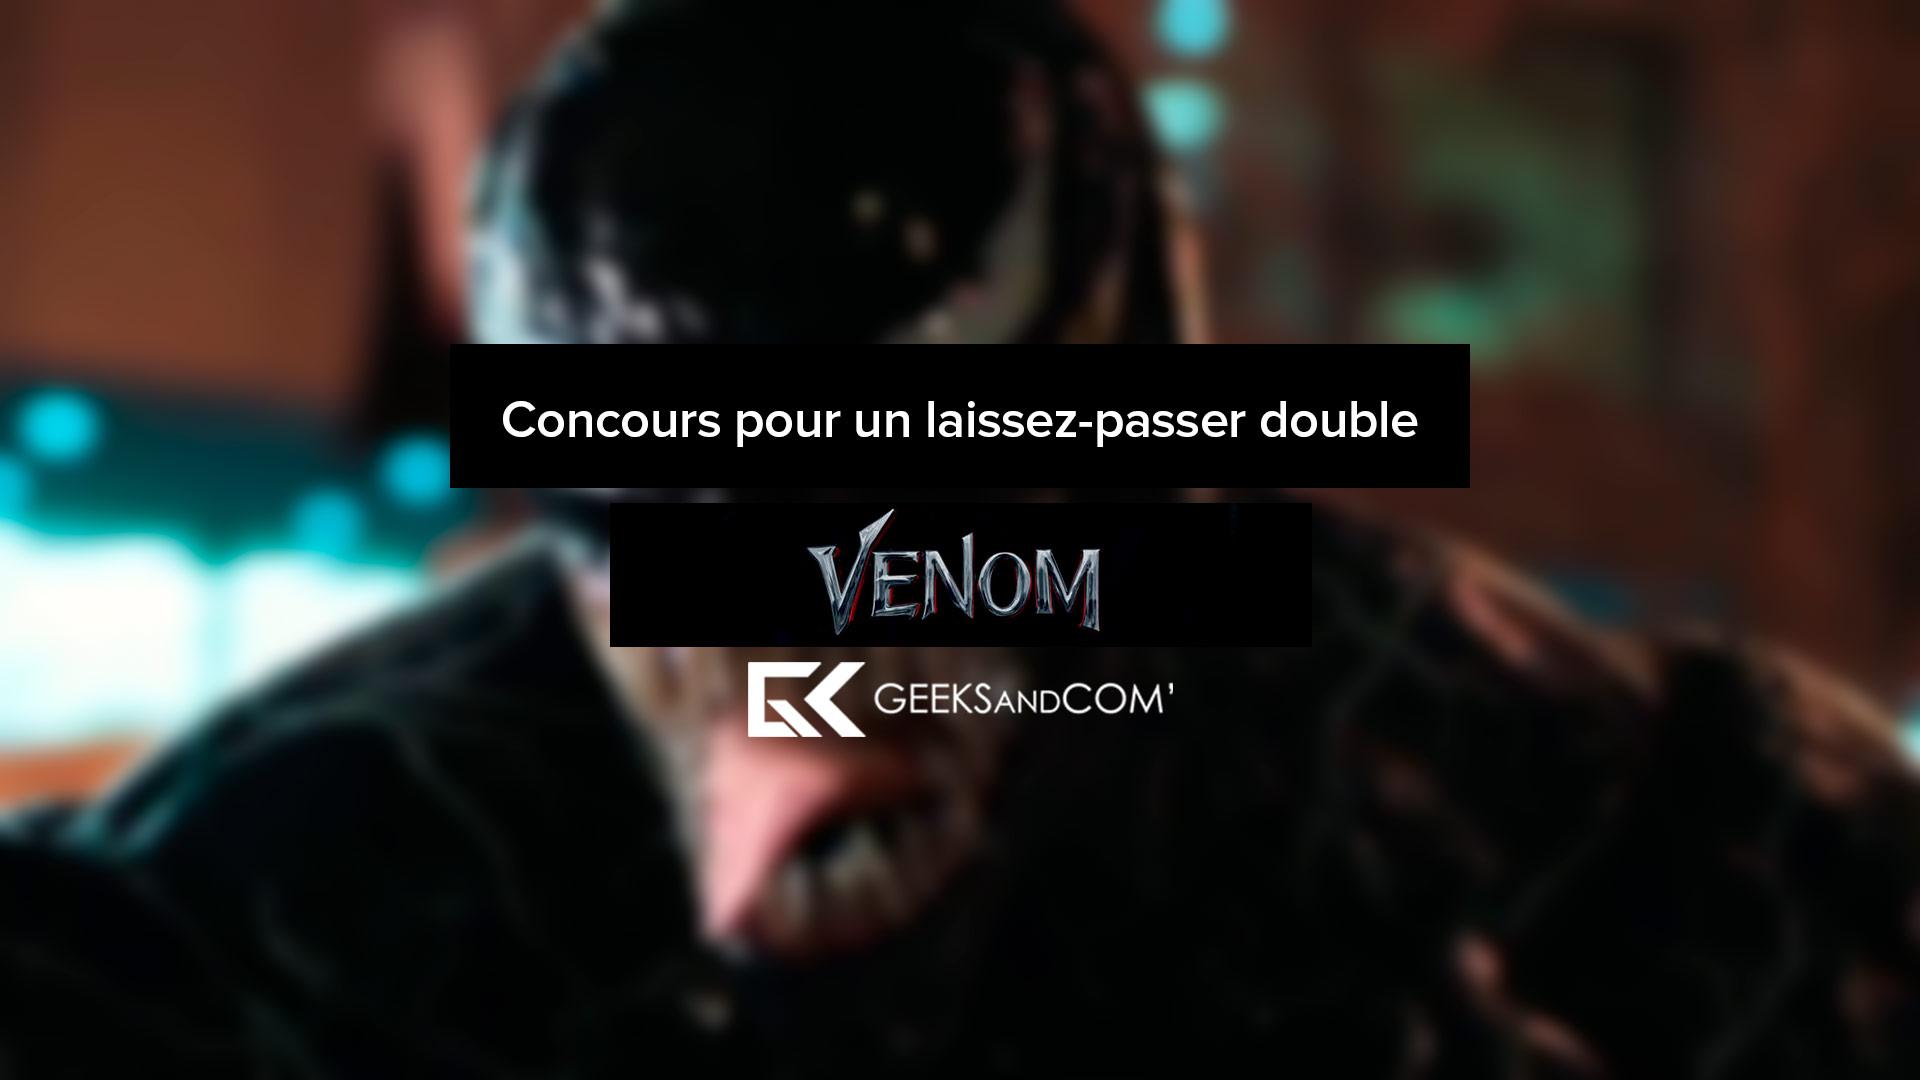 [MTL] Concours pour voir le film VENOM